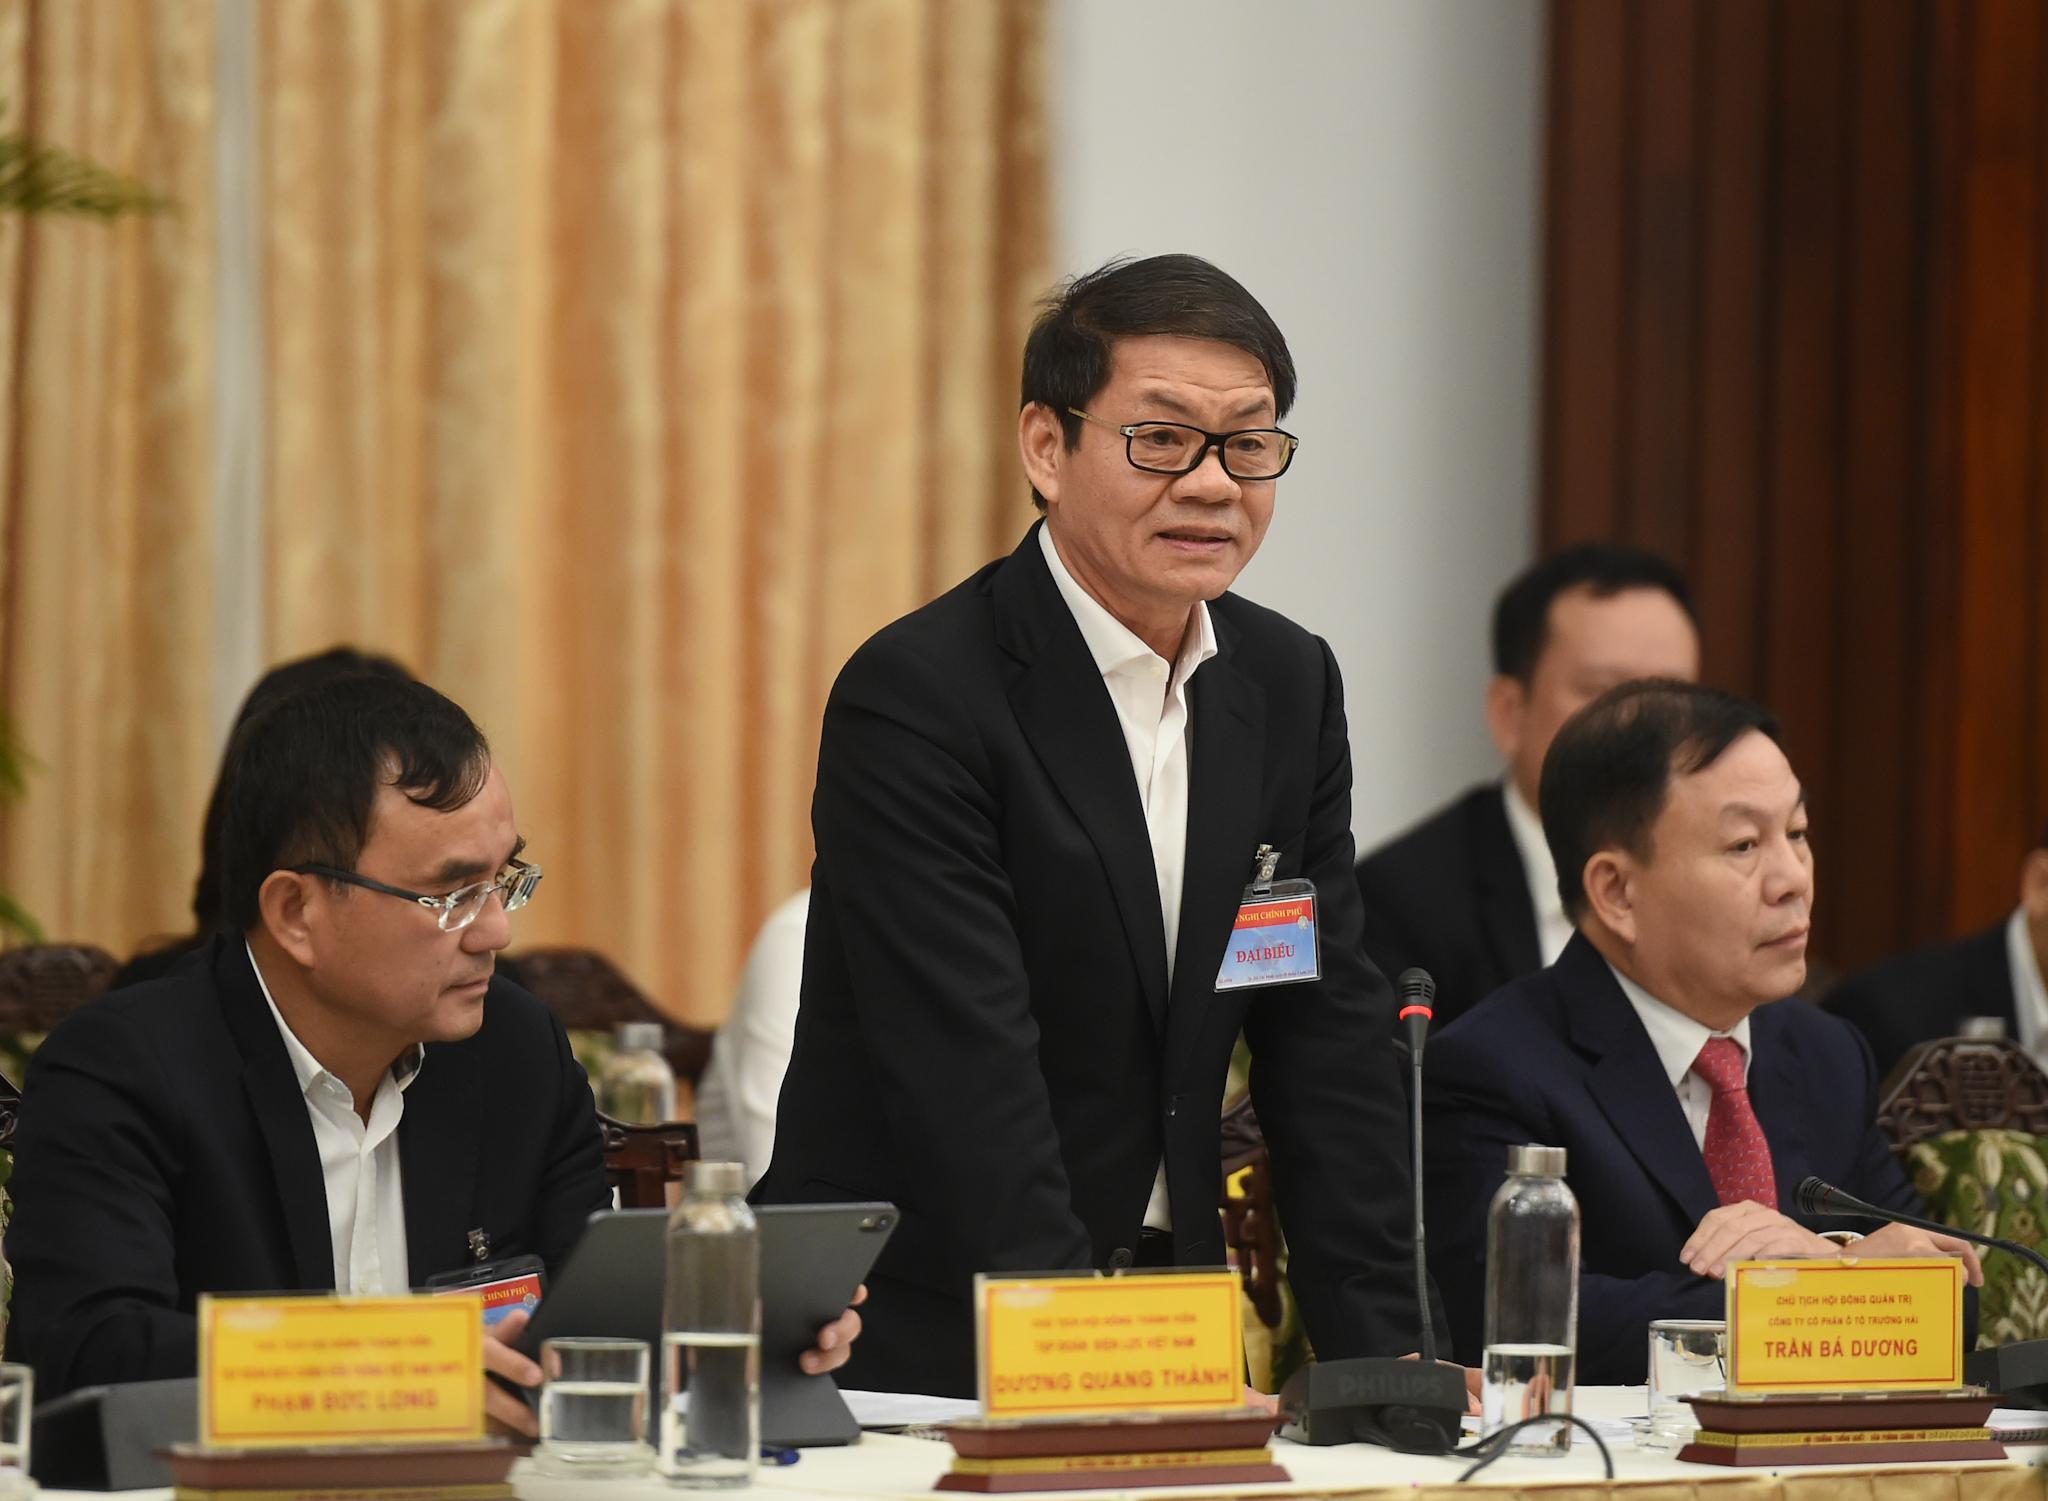 Ông Trần Bá Dương: Thaco sẽ tăng trưởng 10-20% mỗi năm, xuất khẩu 30 triệu USD linh kiện trong năm nay - Ảnh 1.